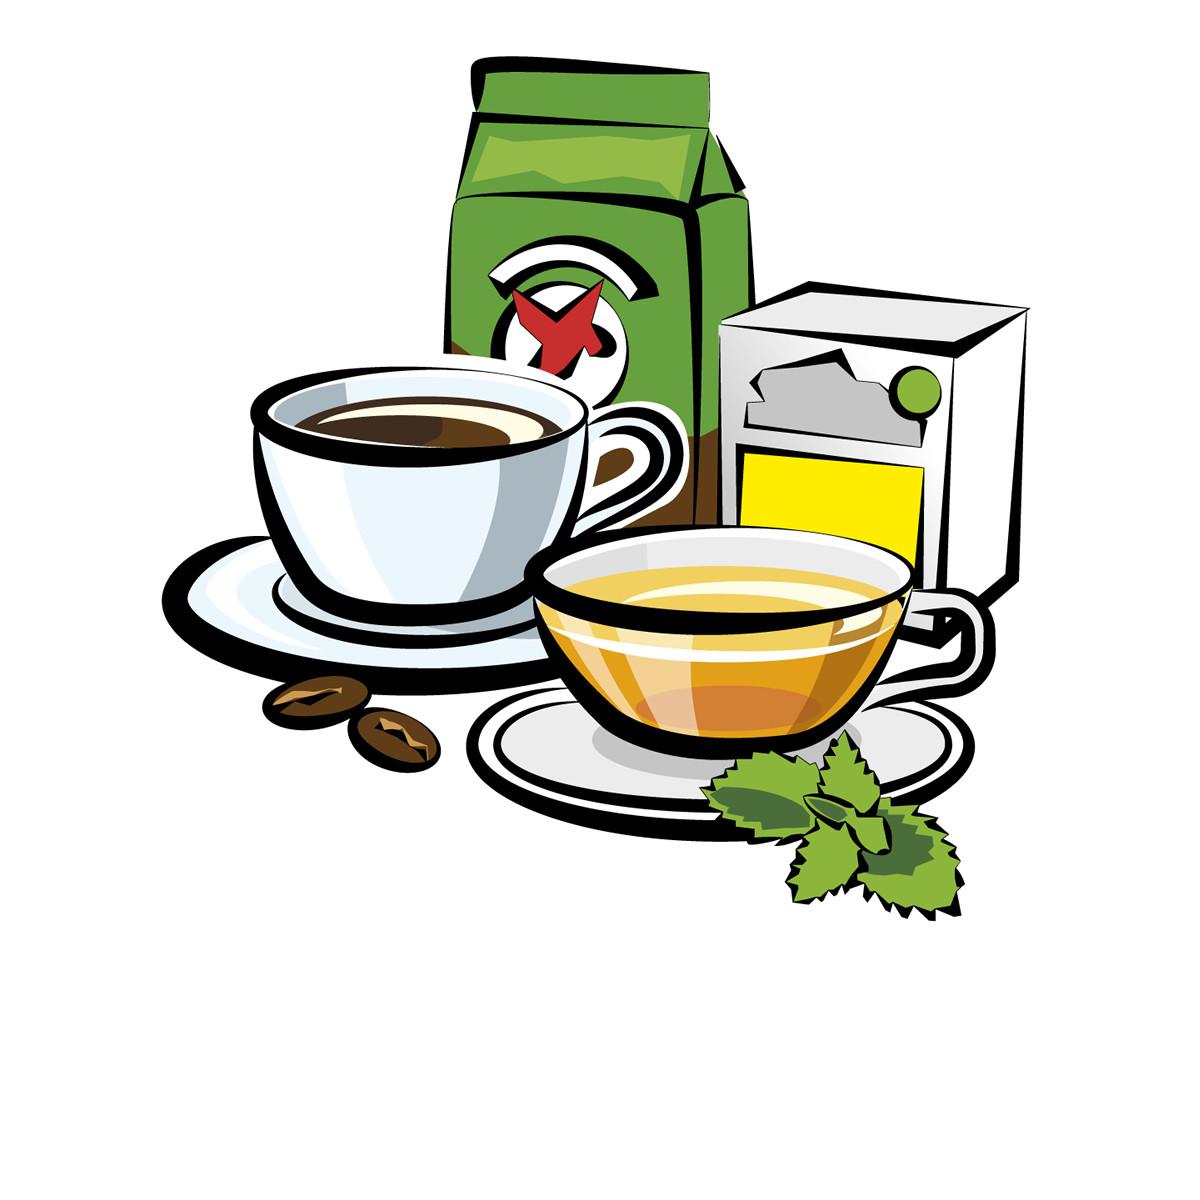 kaffee und tee aus griechenland nikthegreek online kaufen. Black Bedroom Furniture Sets. Home Design Ideas